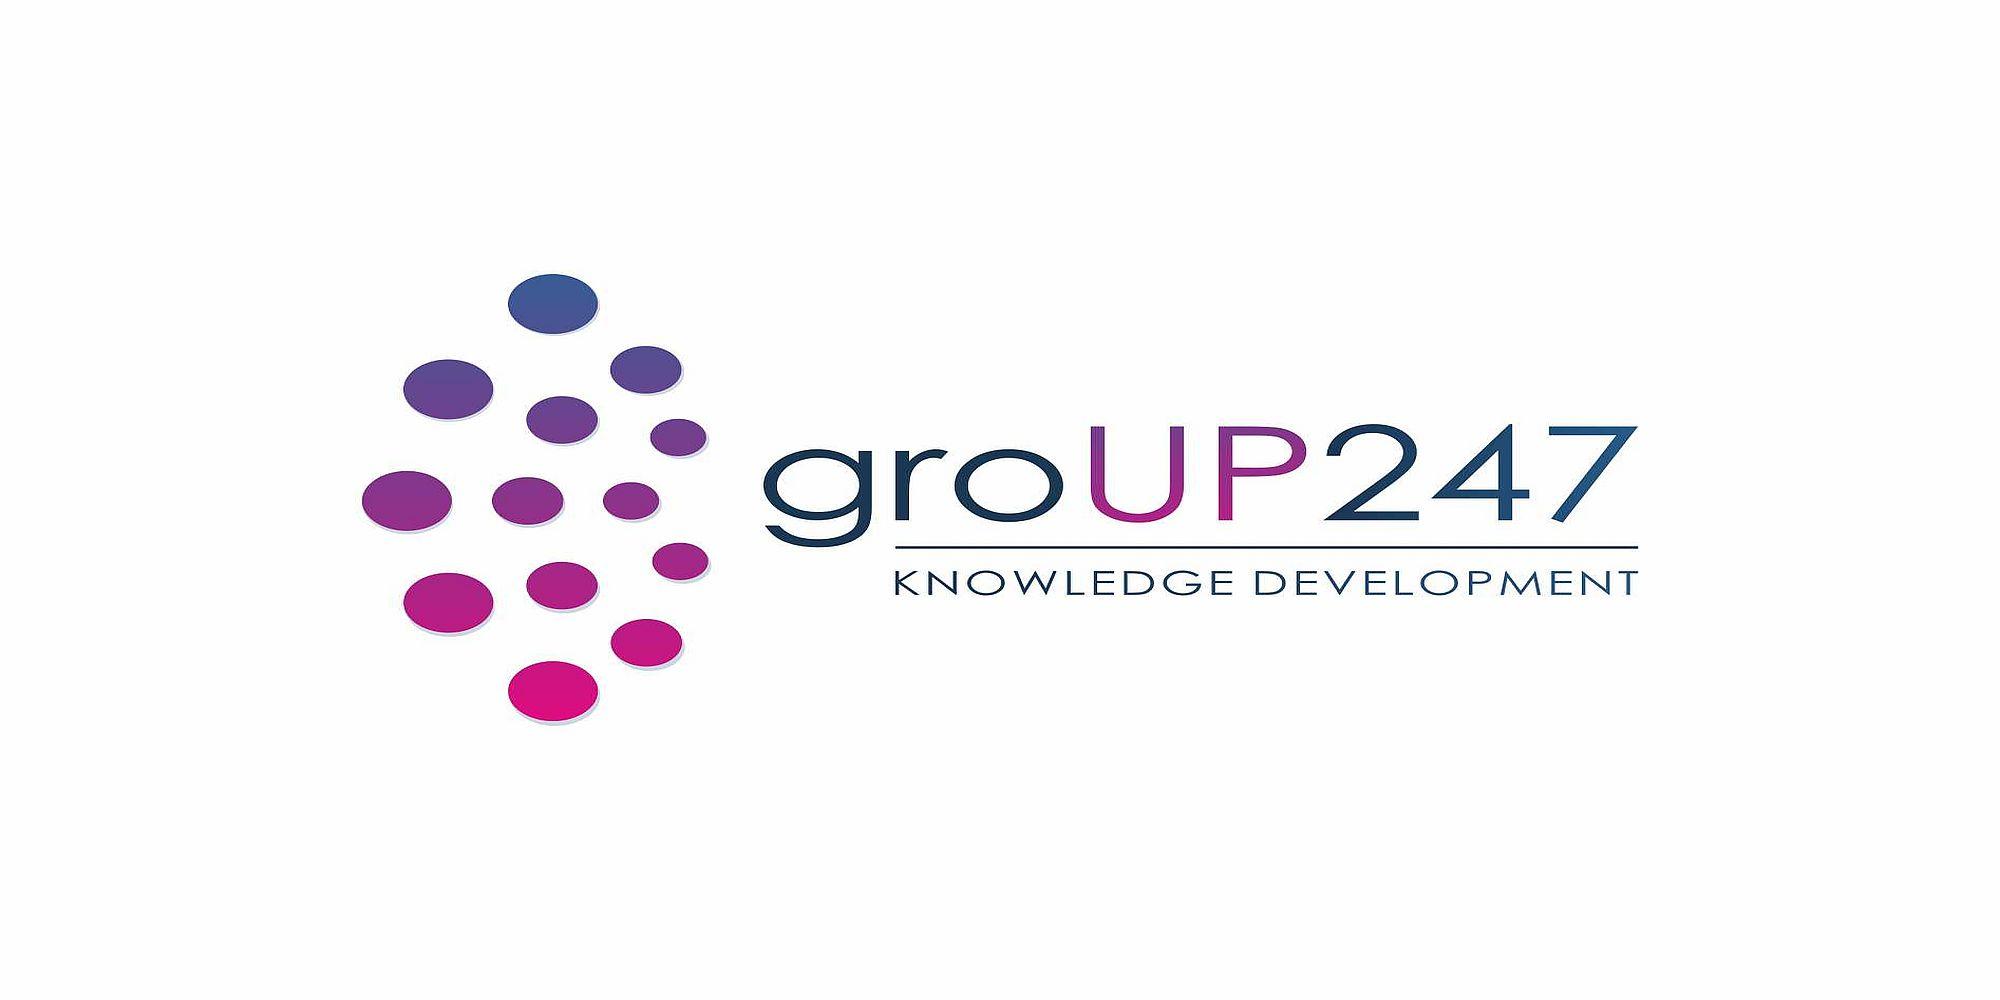 Współpraca INSTIN i groUP247